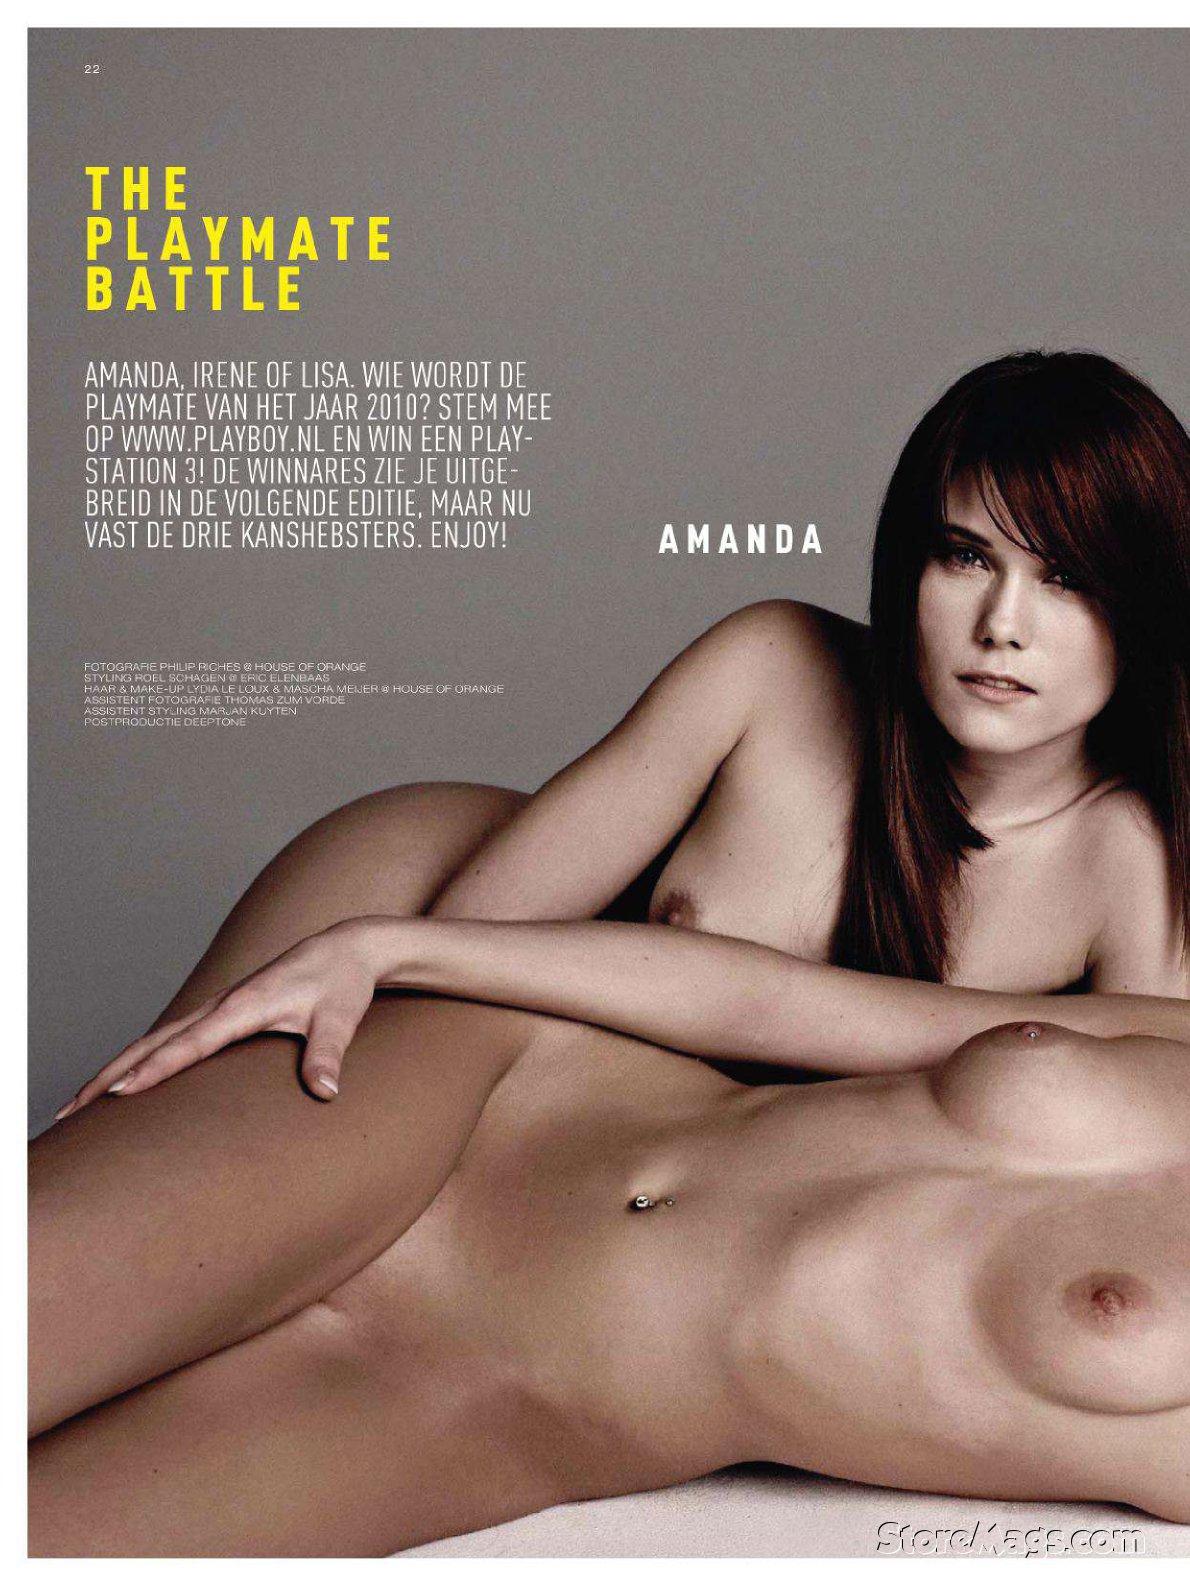 Irene hoek nude necessary